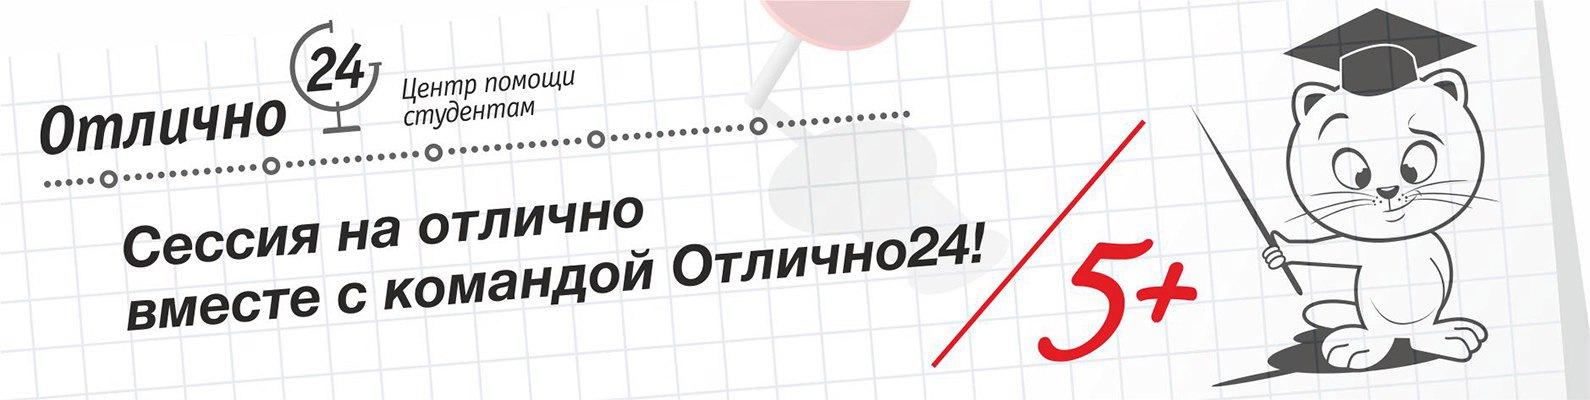 Дипломные работы Курсовые работы Диплом Белгород ВКонтакте